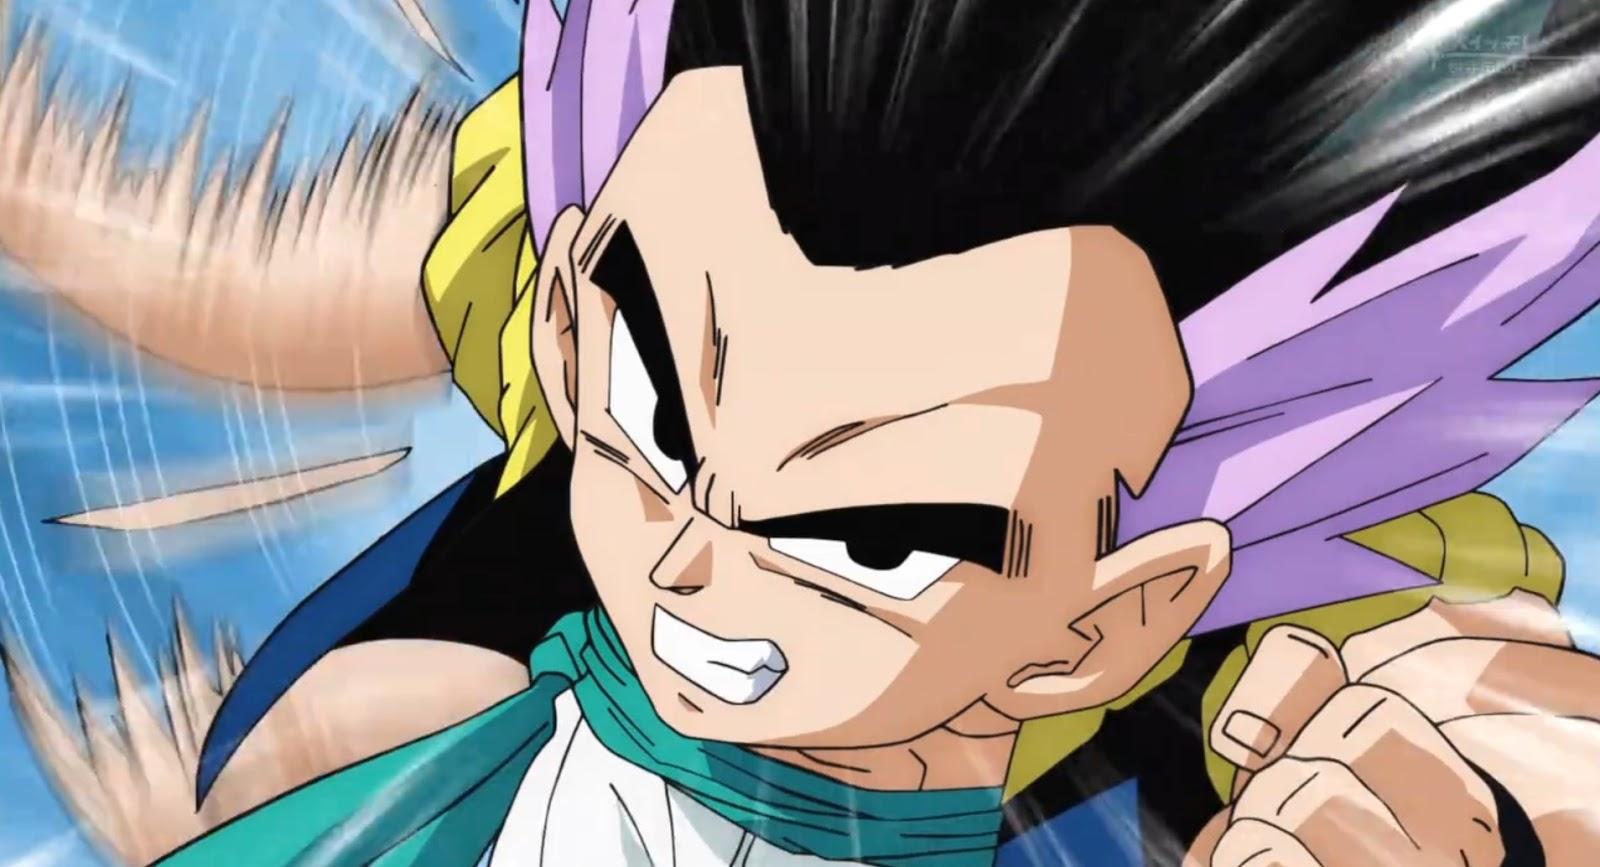 Dragon Ball Super Dublado Episódio 7, Assistir Dragon Ball Super Dublado Episódio 7, Dragon Ball Super Dublado , Dragon Ball Super Dublado - Episódio 7 HD,